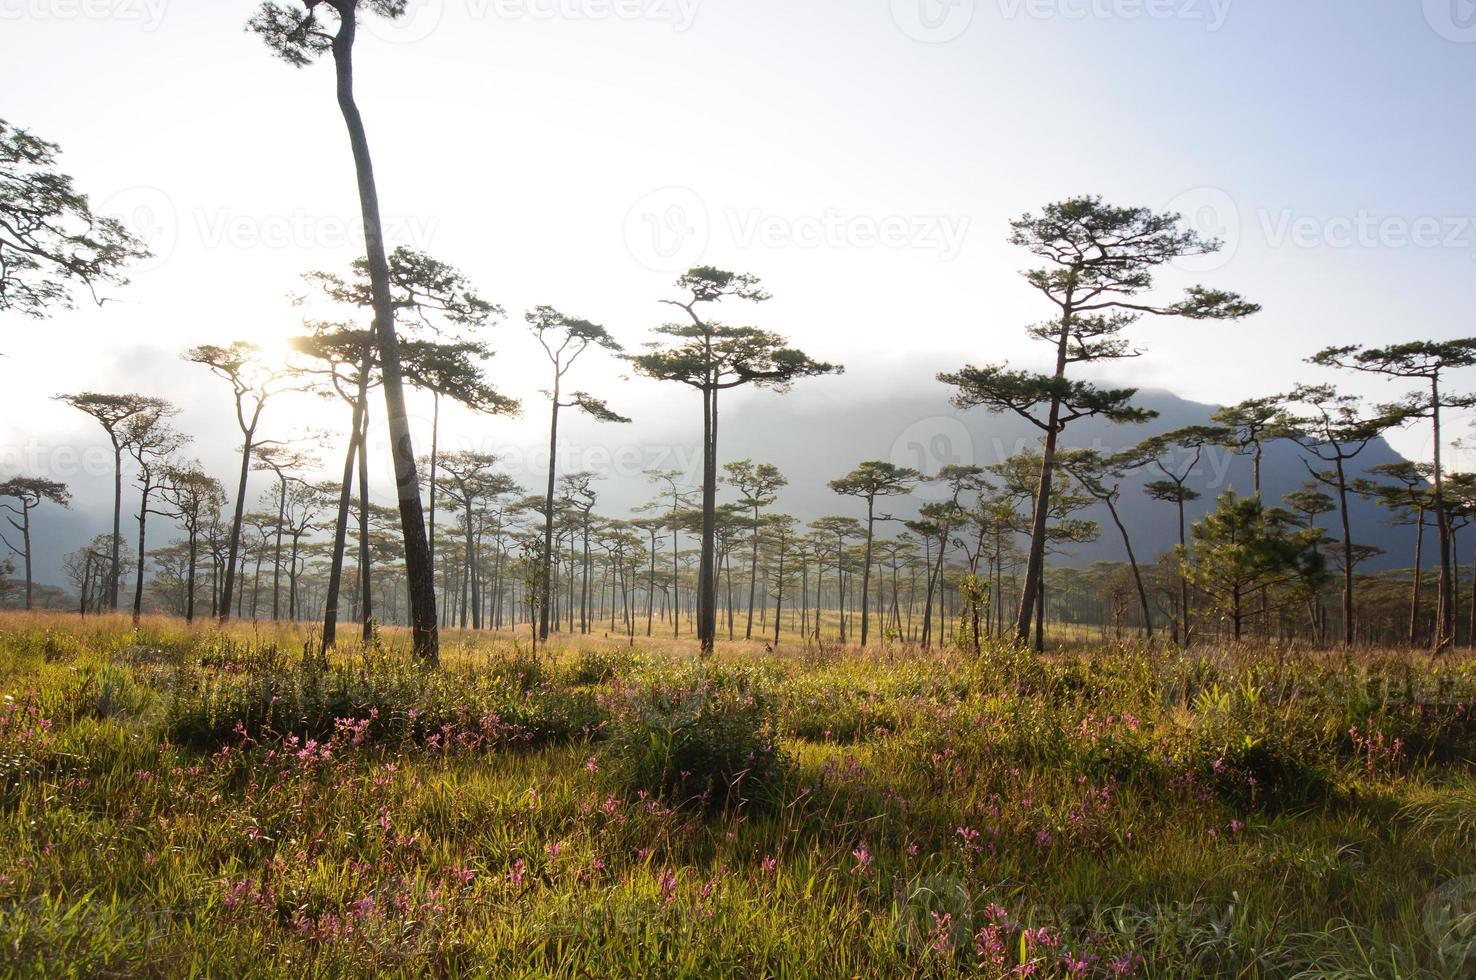 tallskog på phusoidao berget i Thailand foto